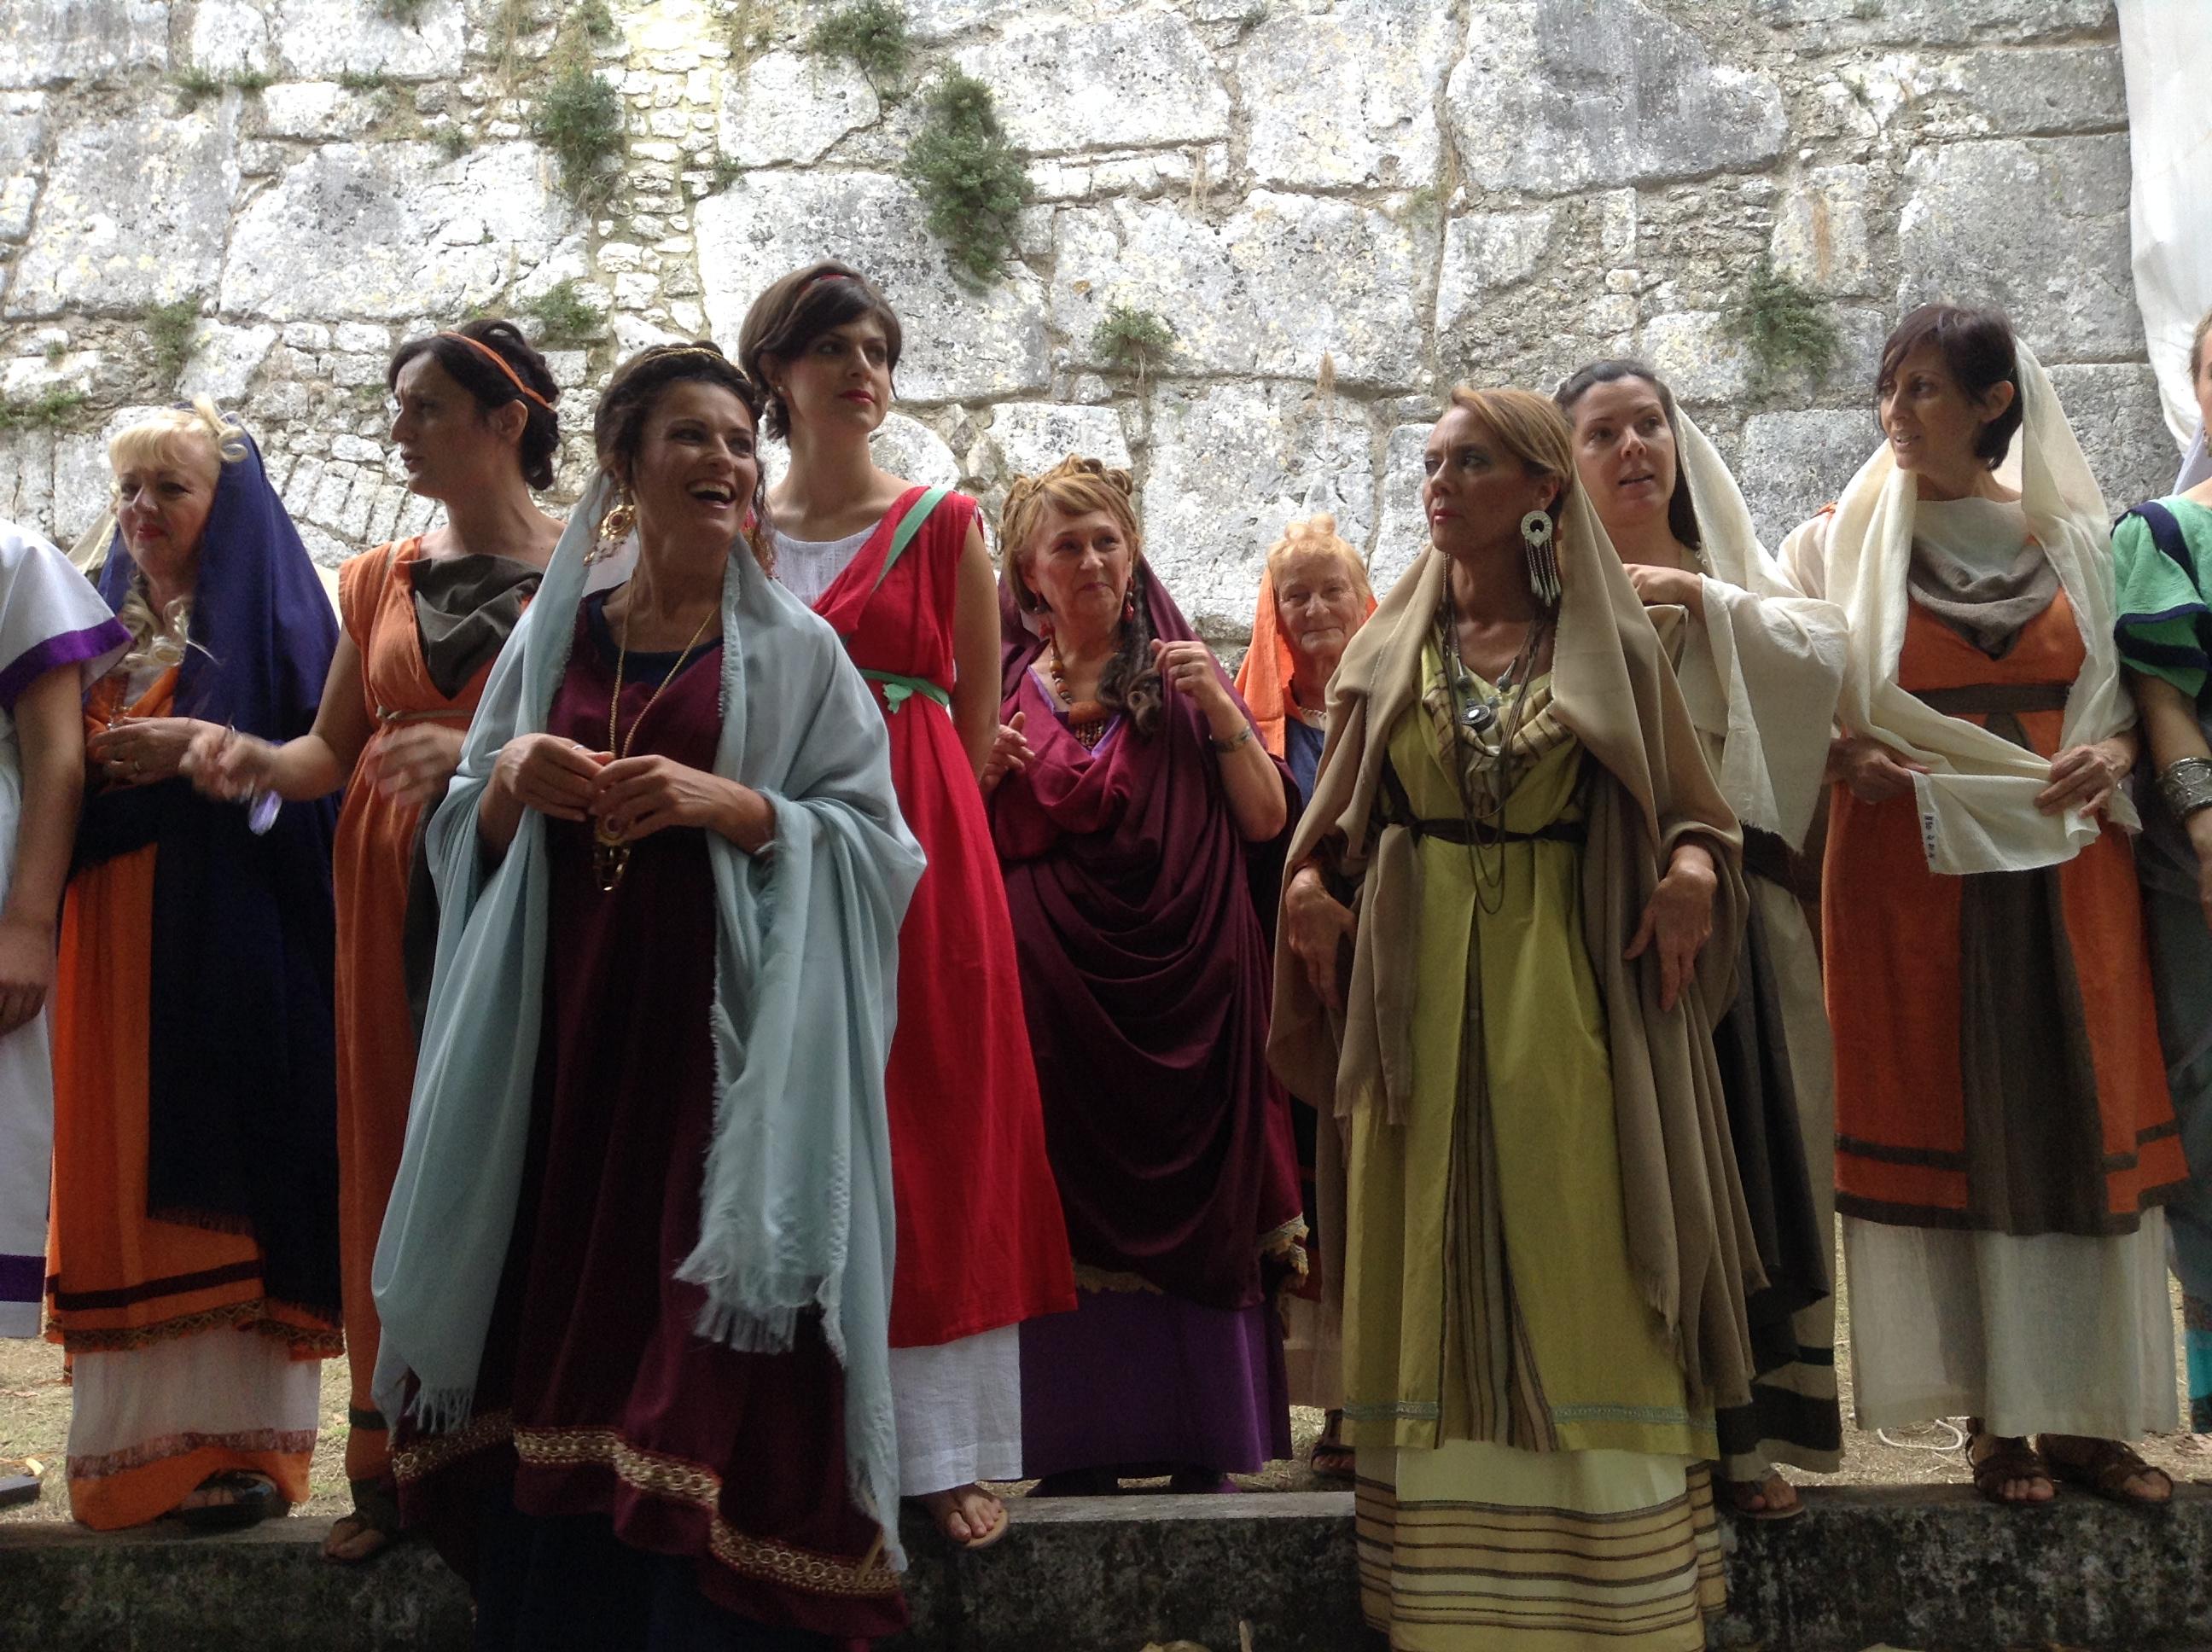 Le donne del Gruppo Storico Cuprense e sullo sfondo le Mura Ciclopiche di Alatri